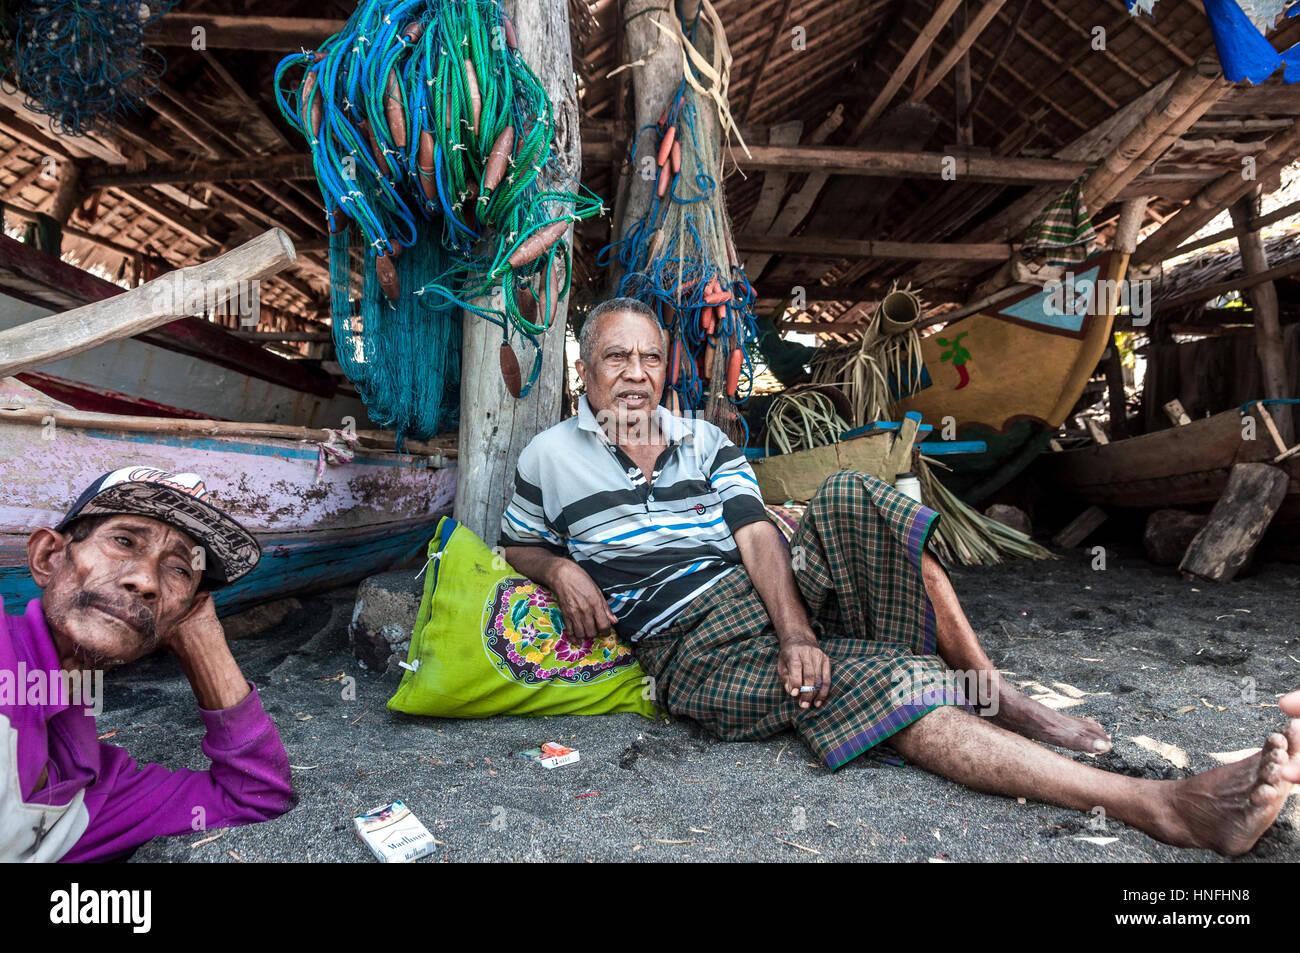 Zwei Männer vor einer Holzhütte entspannen fungierte als Abstellraum für traditionelle Boote und Stockbild